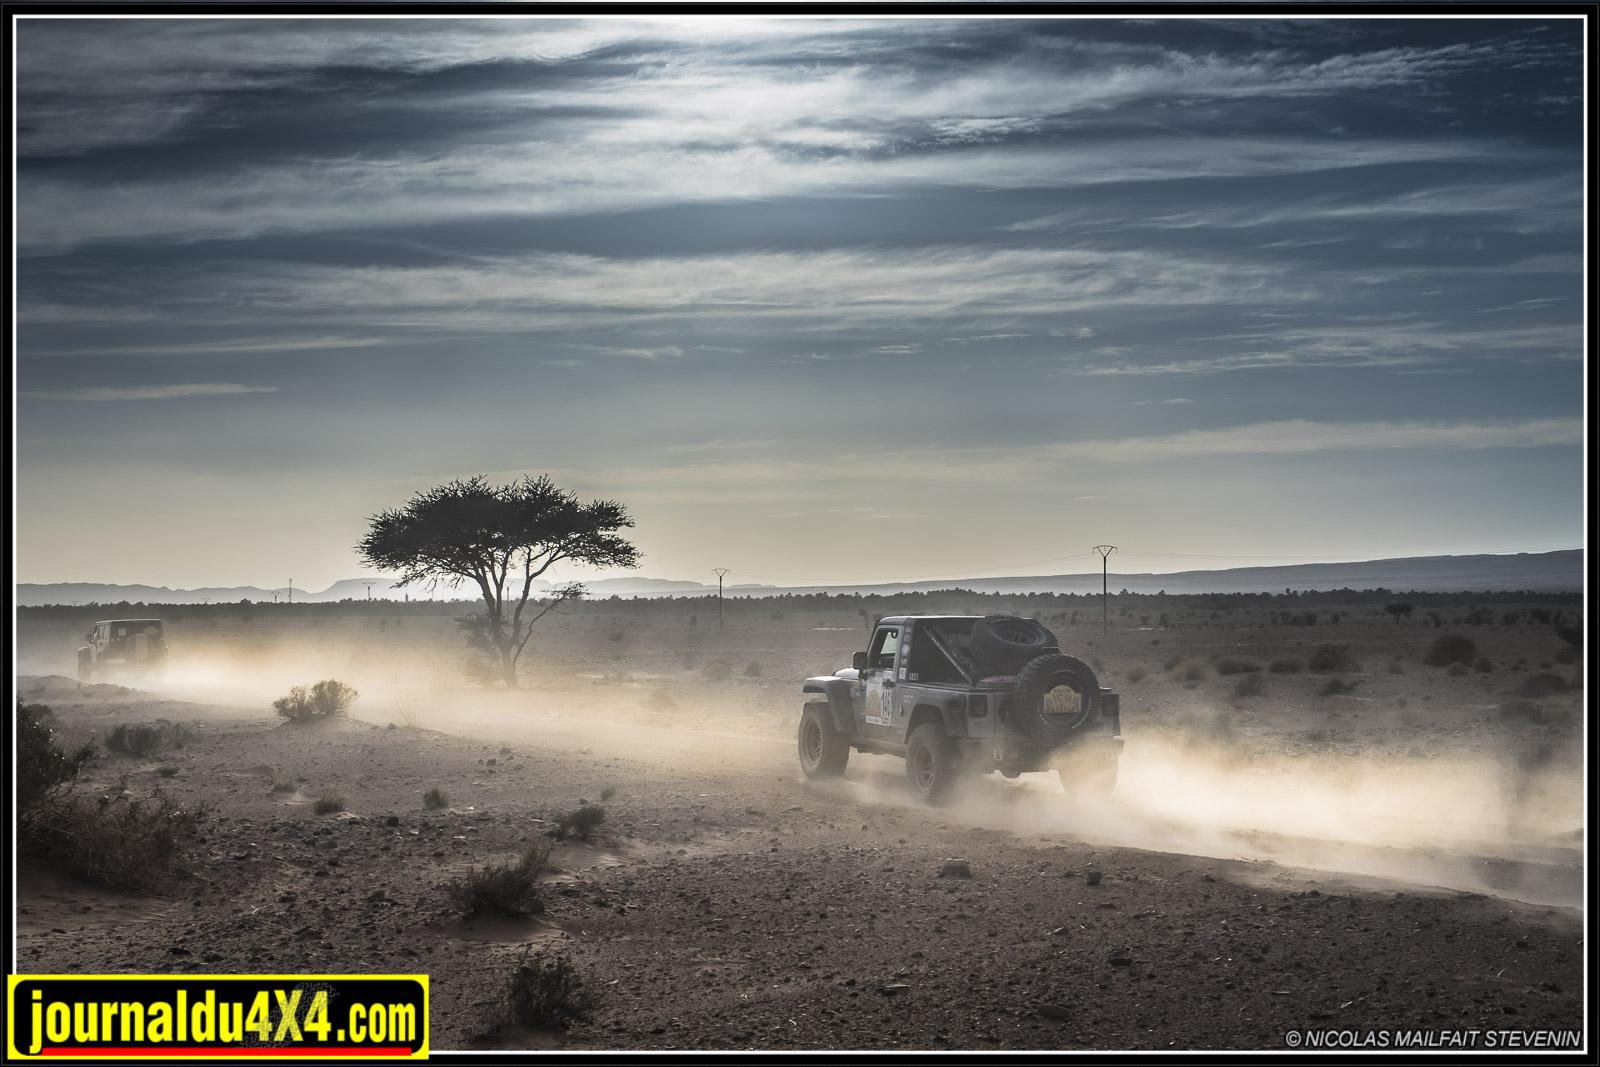 rallye-aicha-gazelles-maroc-2017-6899.jpg